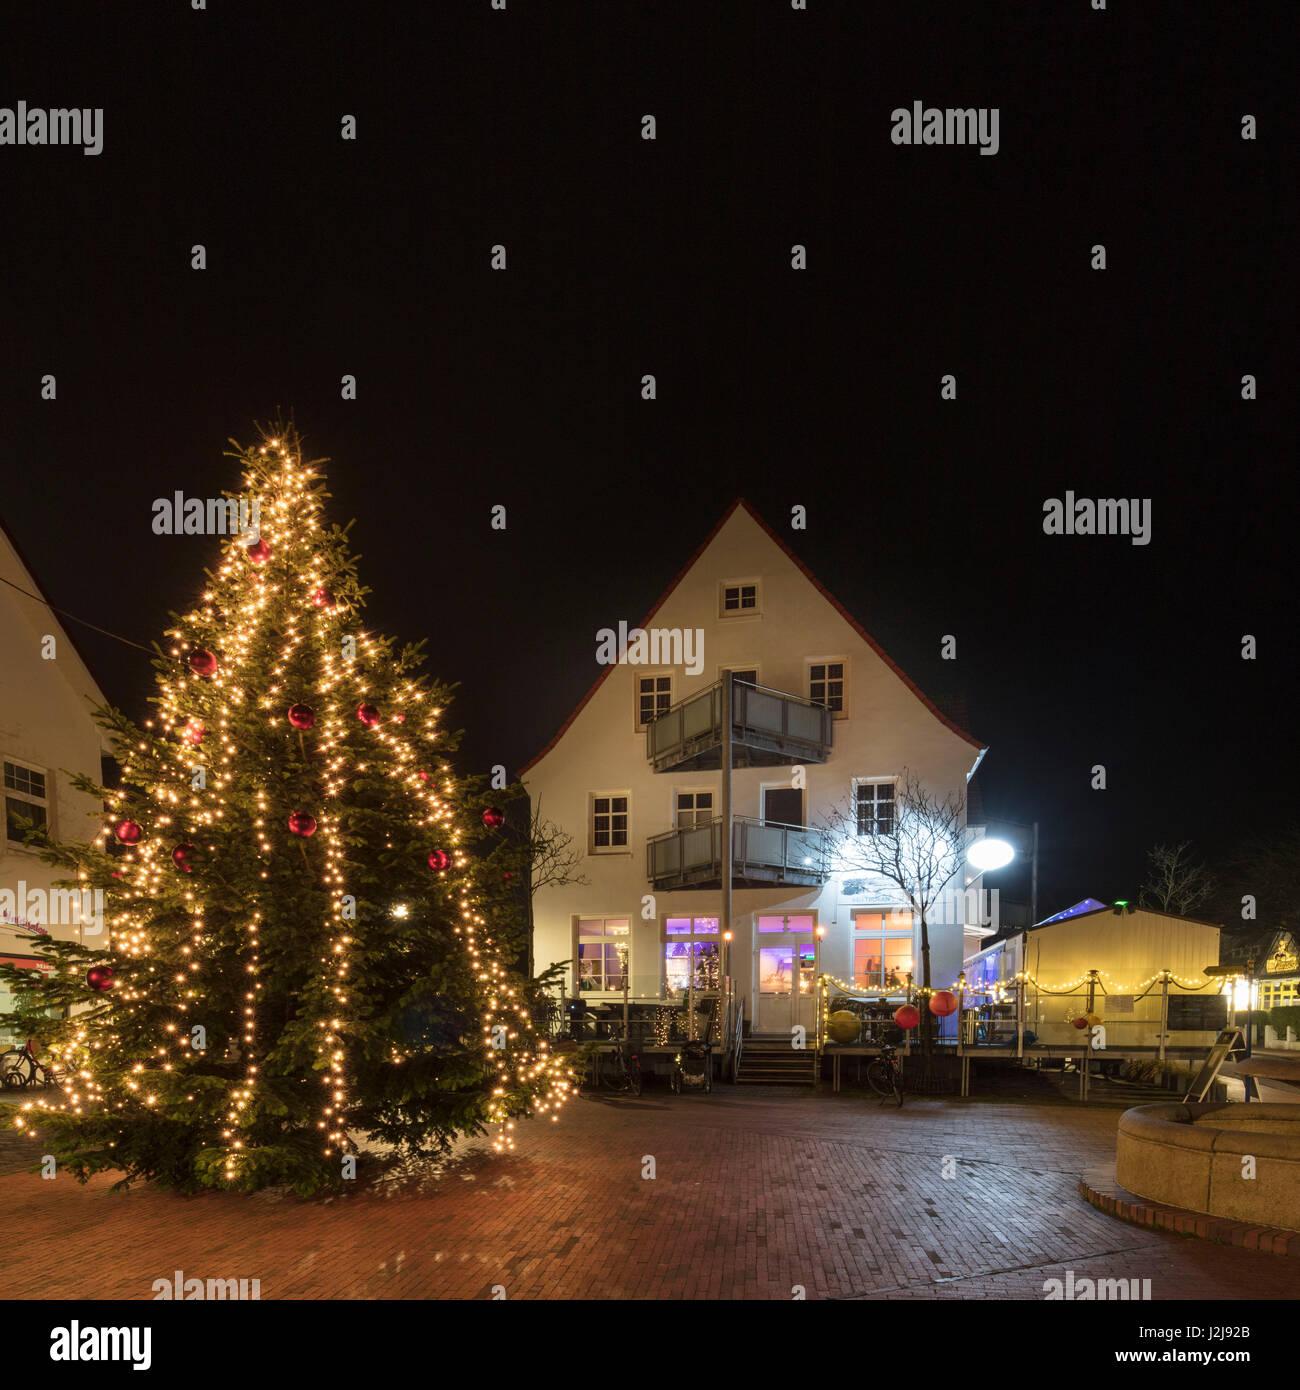 Weihnachtsbaum auf Wangerooge im Orstkern, Weihnachten ...